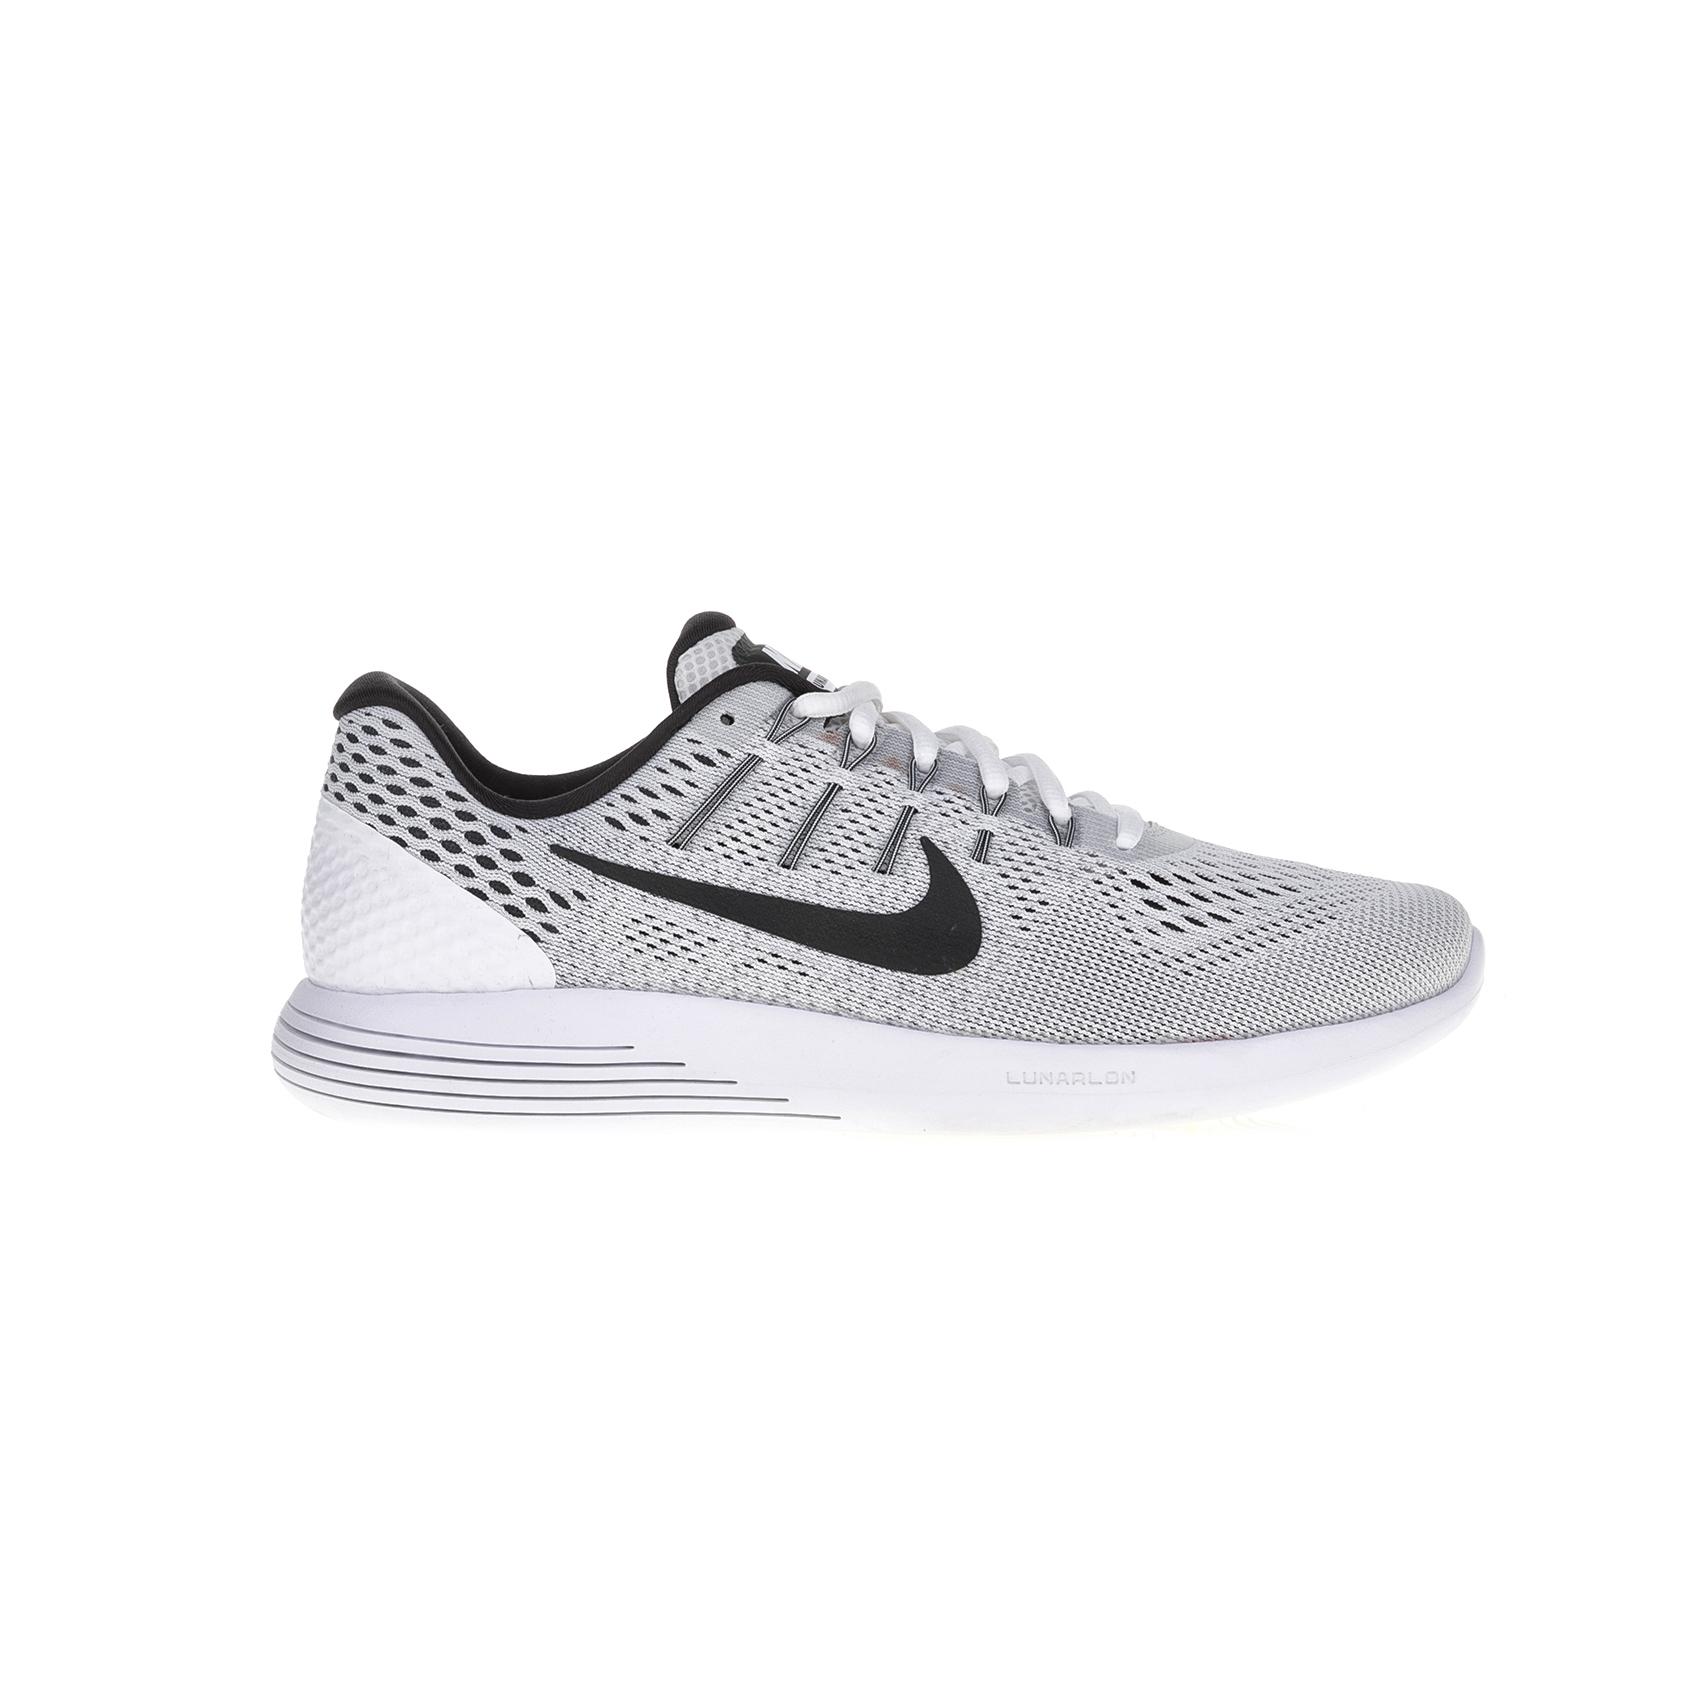 NIKE - Ανδρικά αθλητικά παπούτσια Nike LUNARGLIDE 8 SHIELD γκρι ανδρικά παπούτσια αθλητικά running